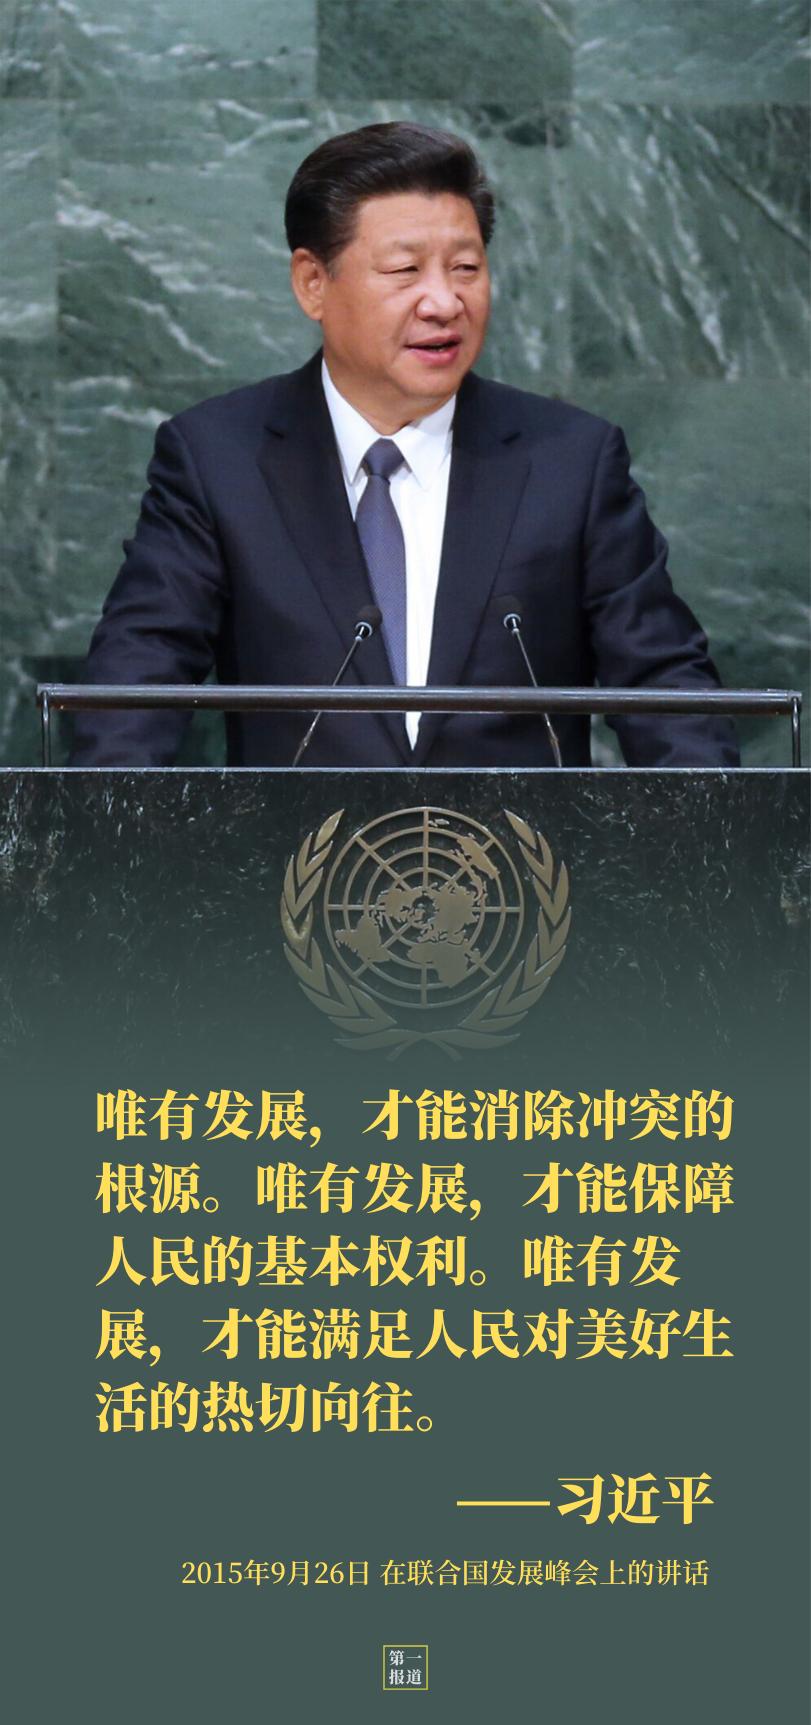 """重溫5年前習近平的""""聯合國時間""""圖片"""